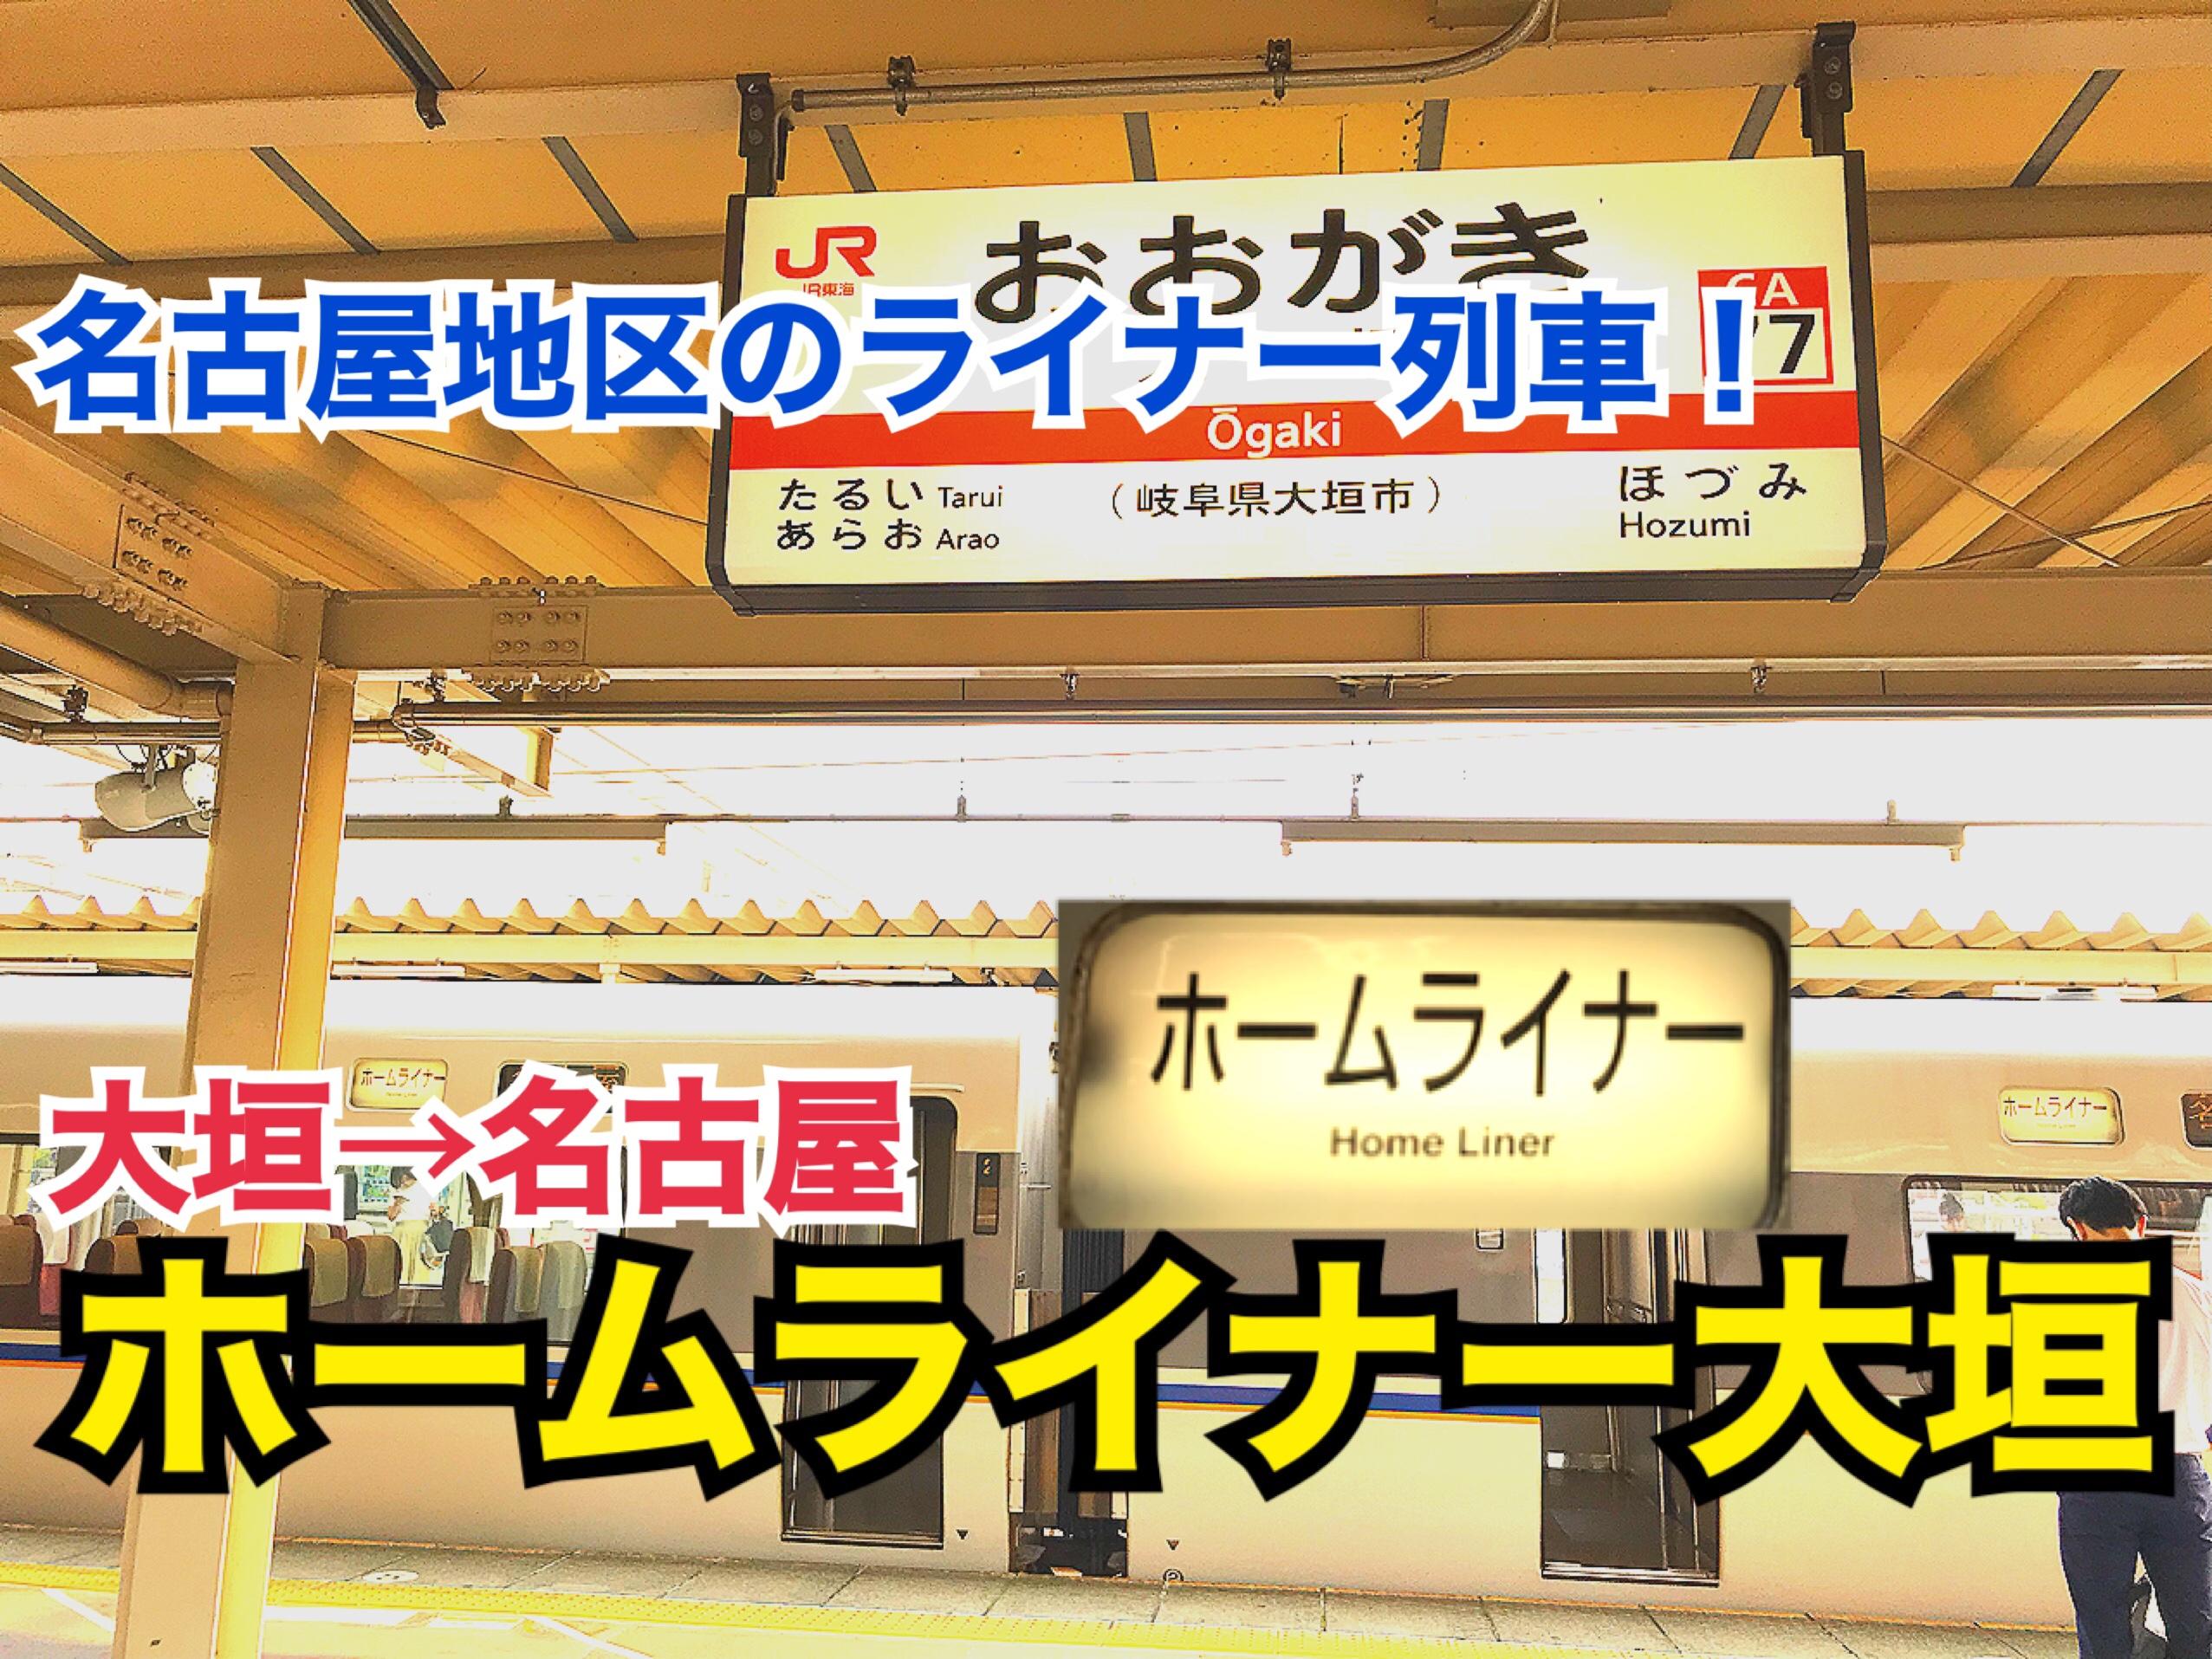 【名古屋のライナー】ホームライナー大垣2号乗車記 需要はあるの?【関西勉強合宿】